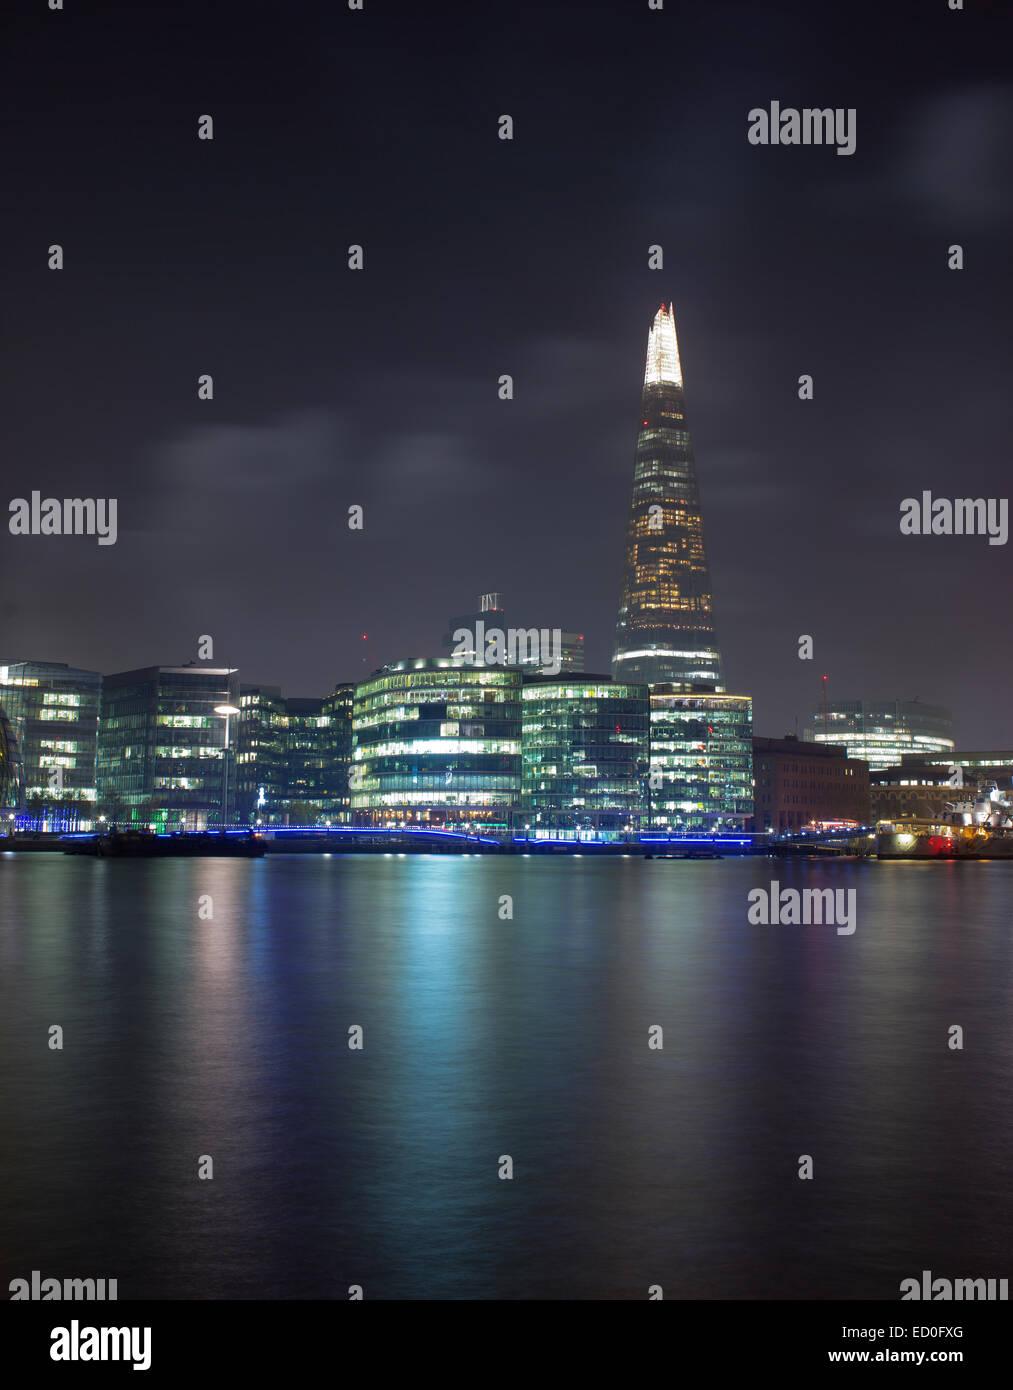 Regno Unito, Londra, Shard grattacielo illuminato di notte e il fiume Tamigi in primo piano Immagini Stock